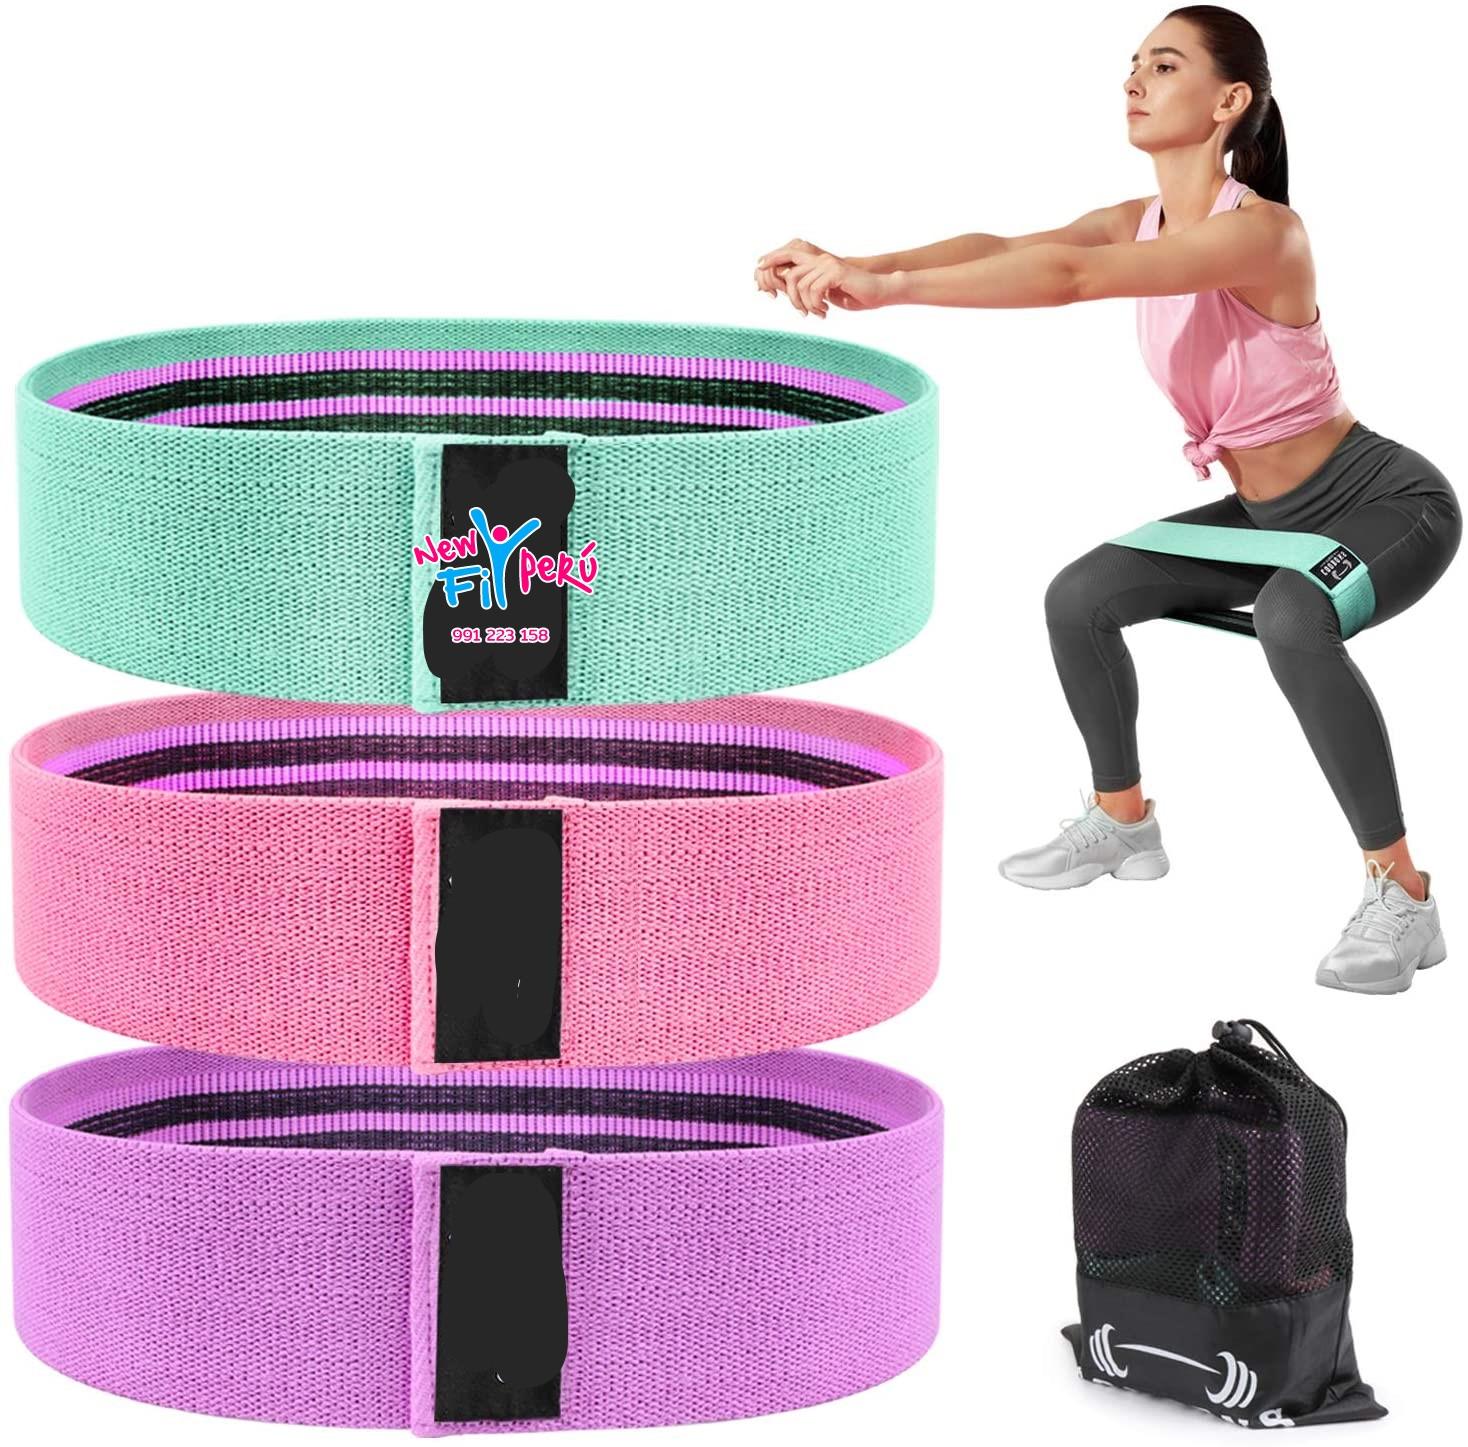 Bandas Elásticas cadera/ Nylon De Resistencia Yoga Gym